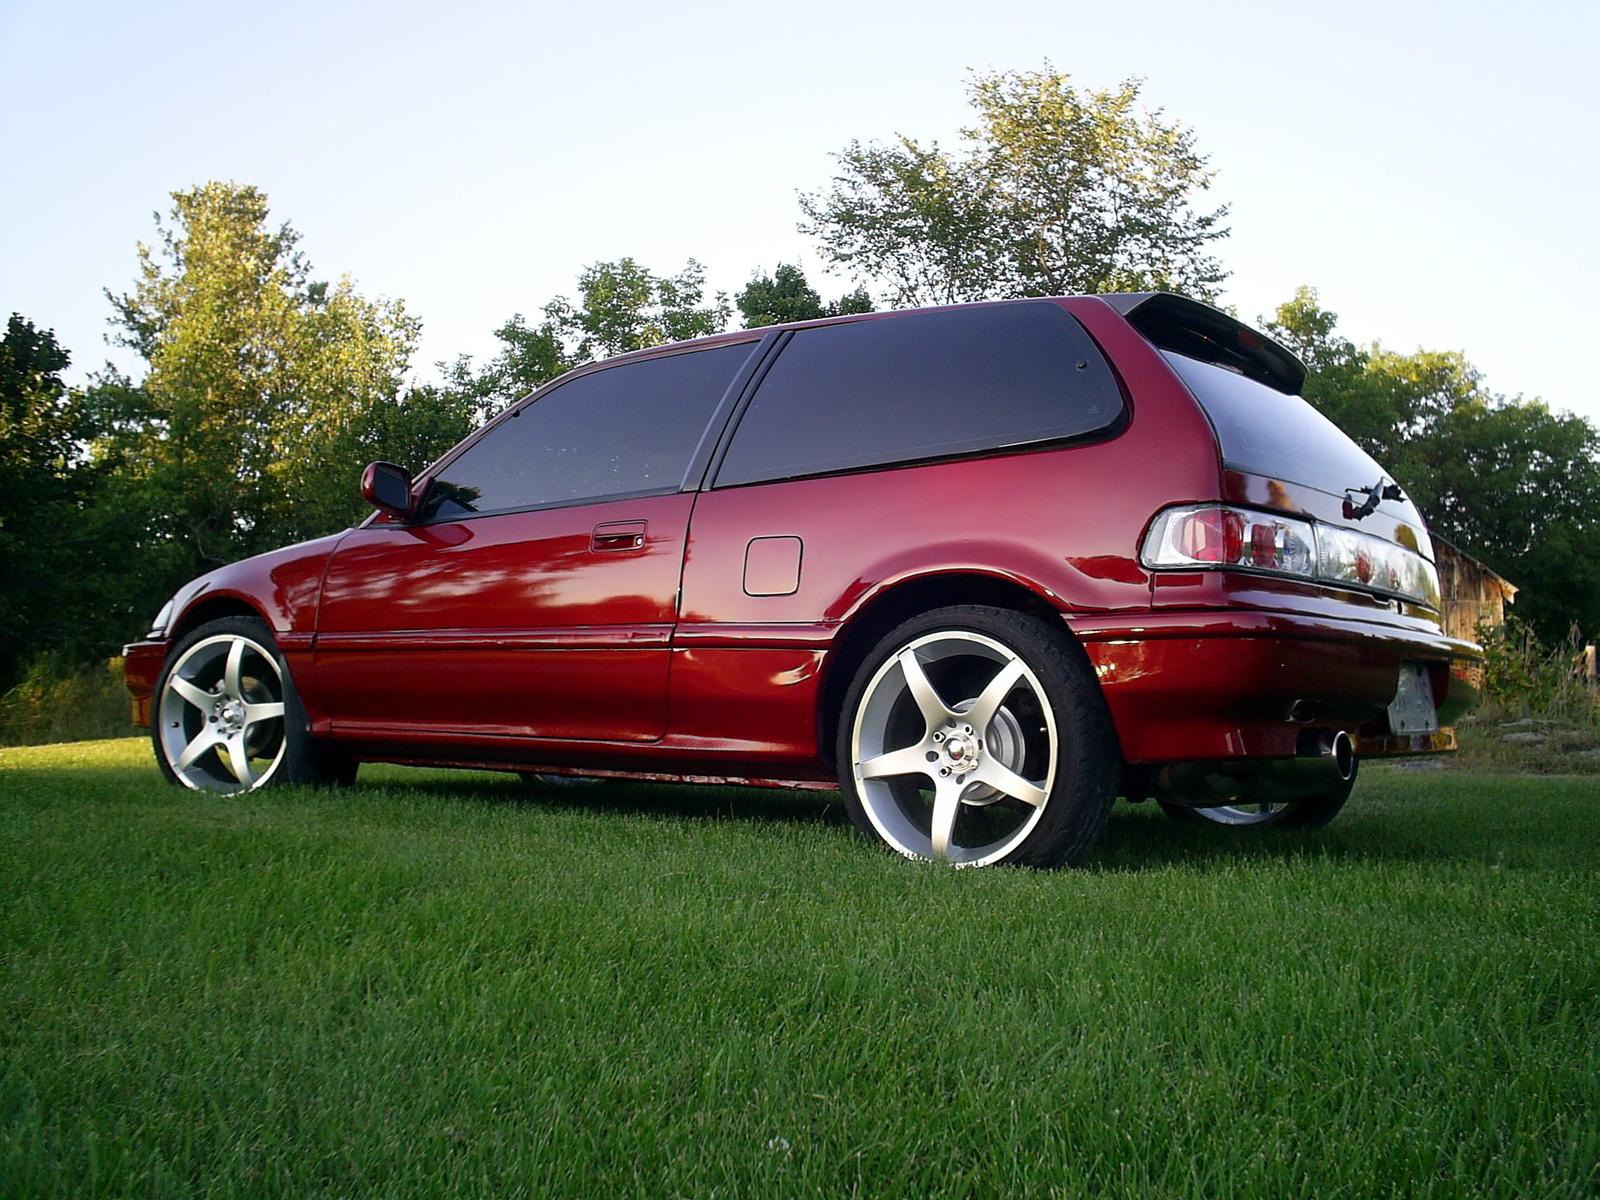 1990 Honda Civic - Other Pictures - CarGurus